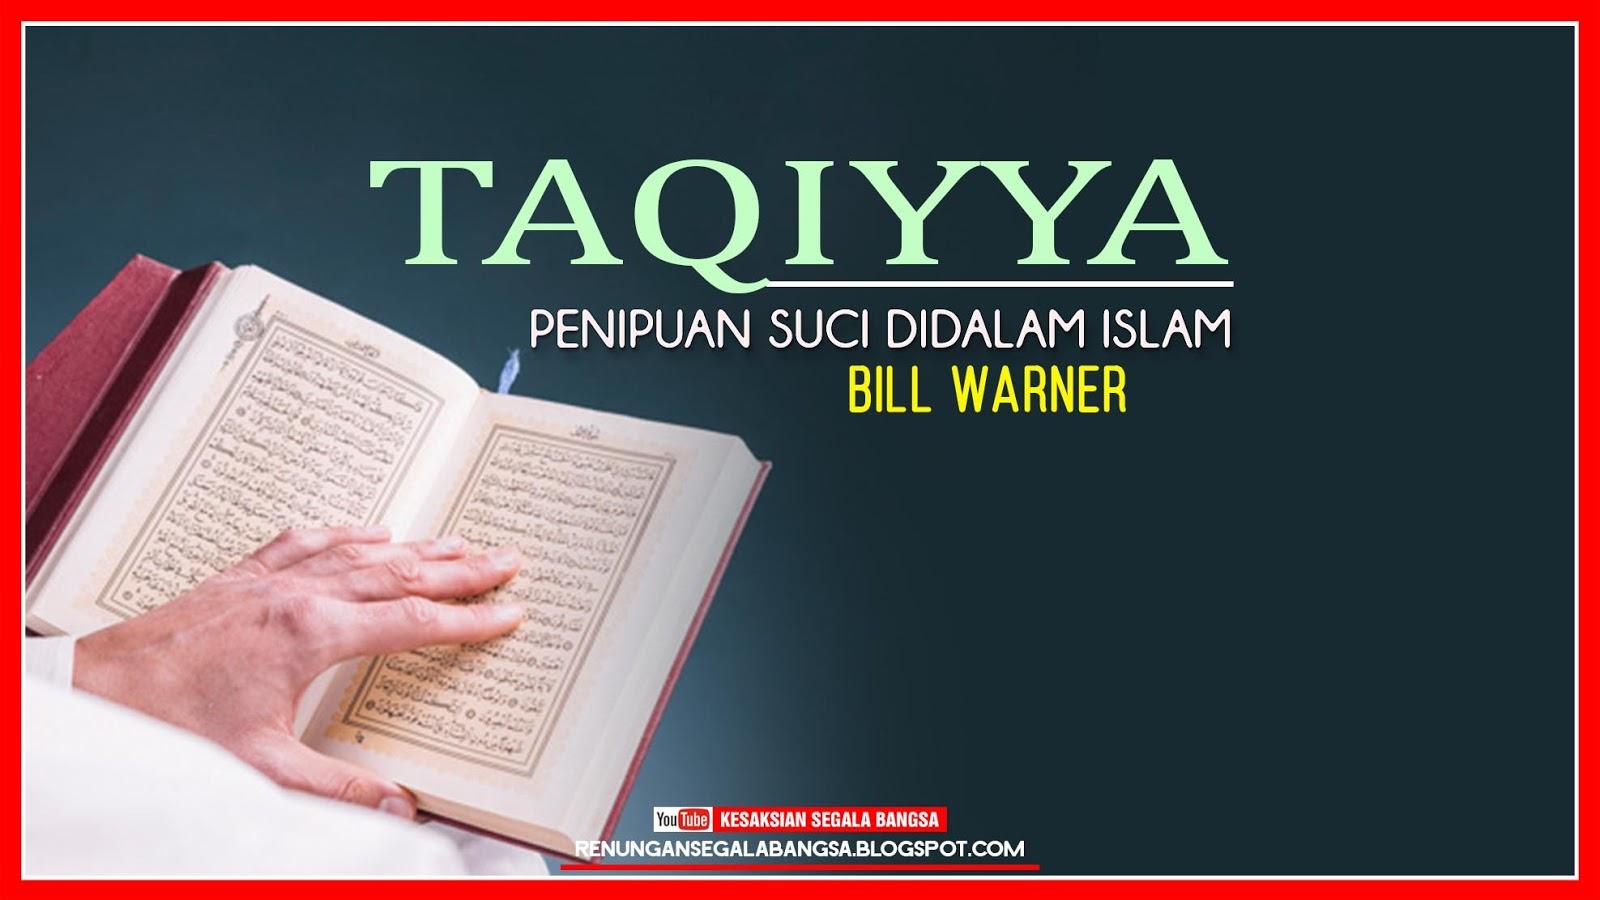 Mengenal Apa Itu Taqiyya - Renungan Segala Bangsa